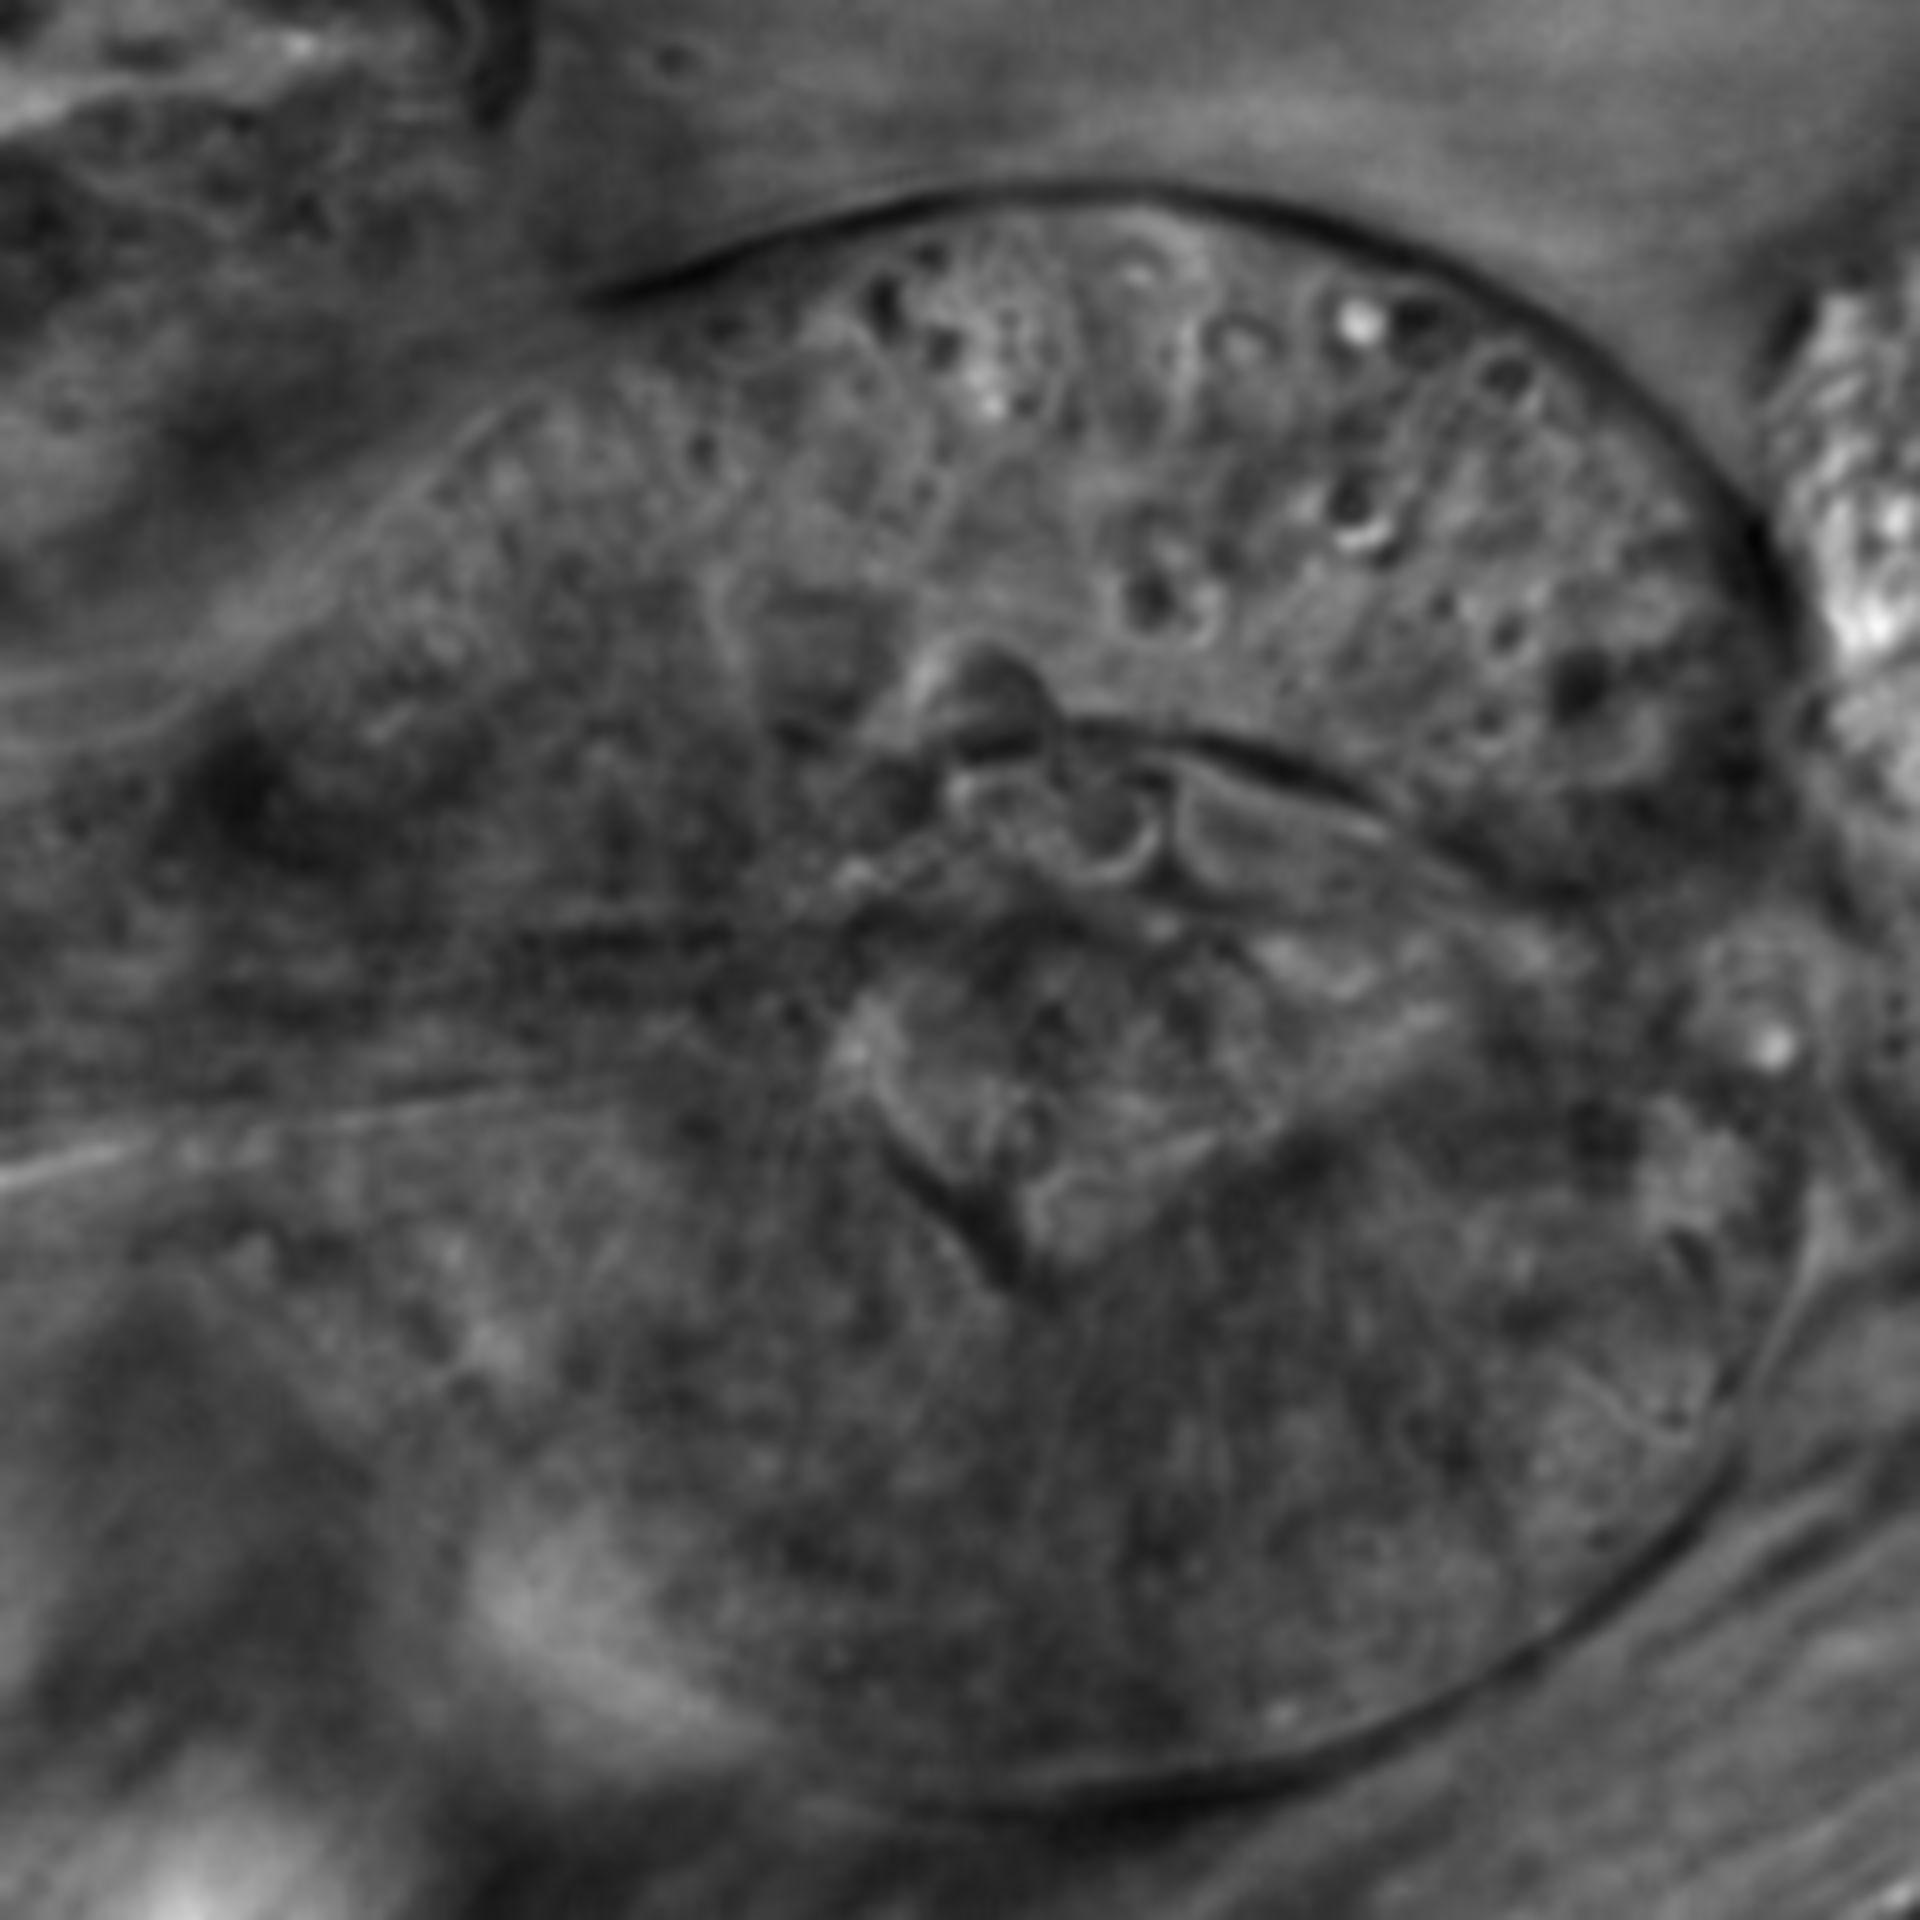 Caenorhabditis elegans - CIL:2630